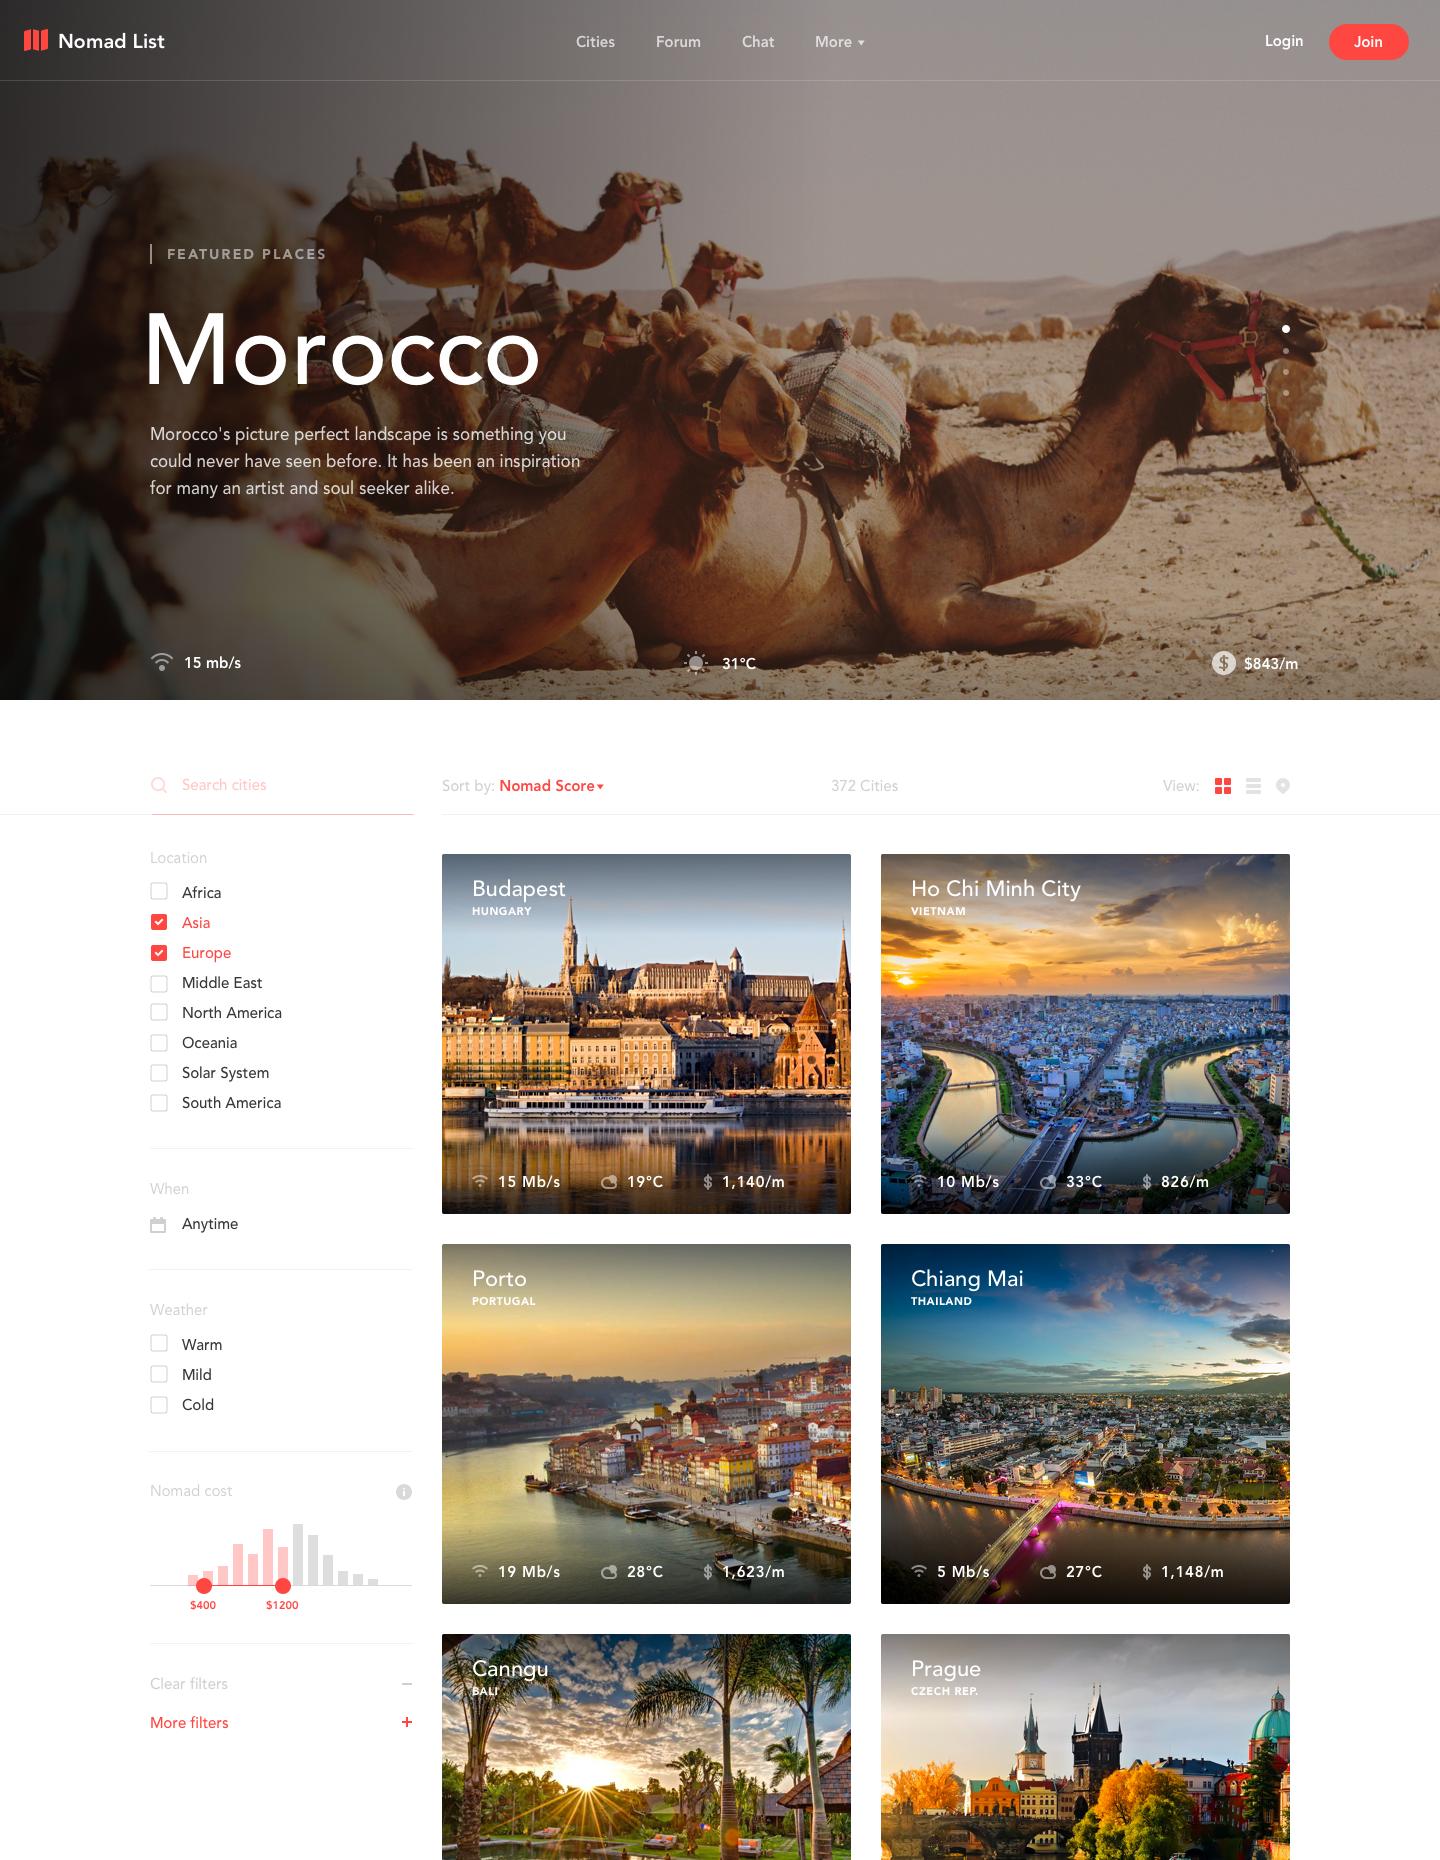 Desktop Hd Web Design Inspiration Ho Chi Minh City Budapest